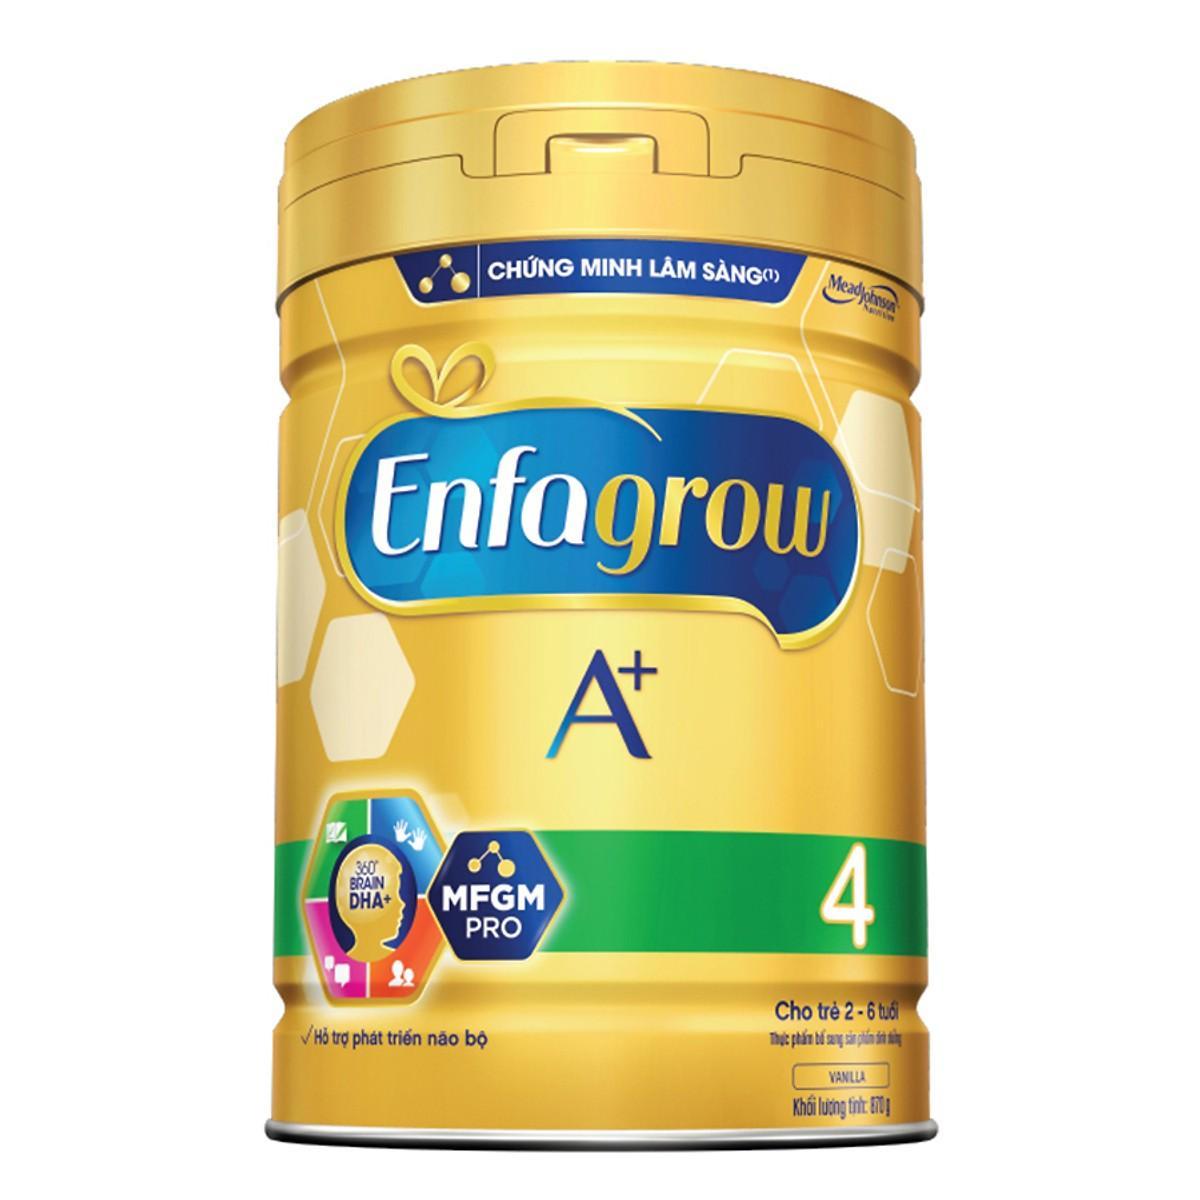 [Quà tặng không bán] Sữa bột Enfagrow A+ 4 870g